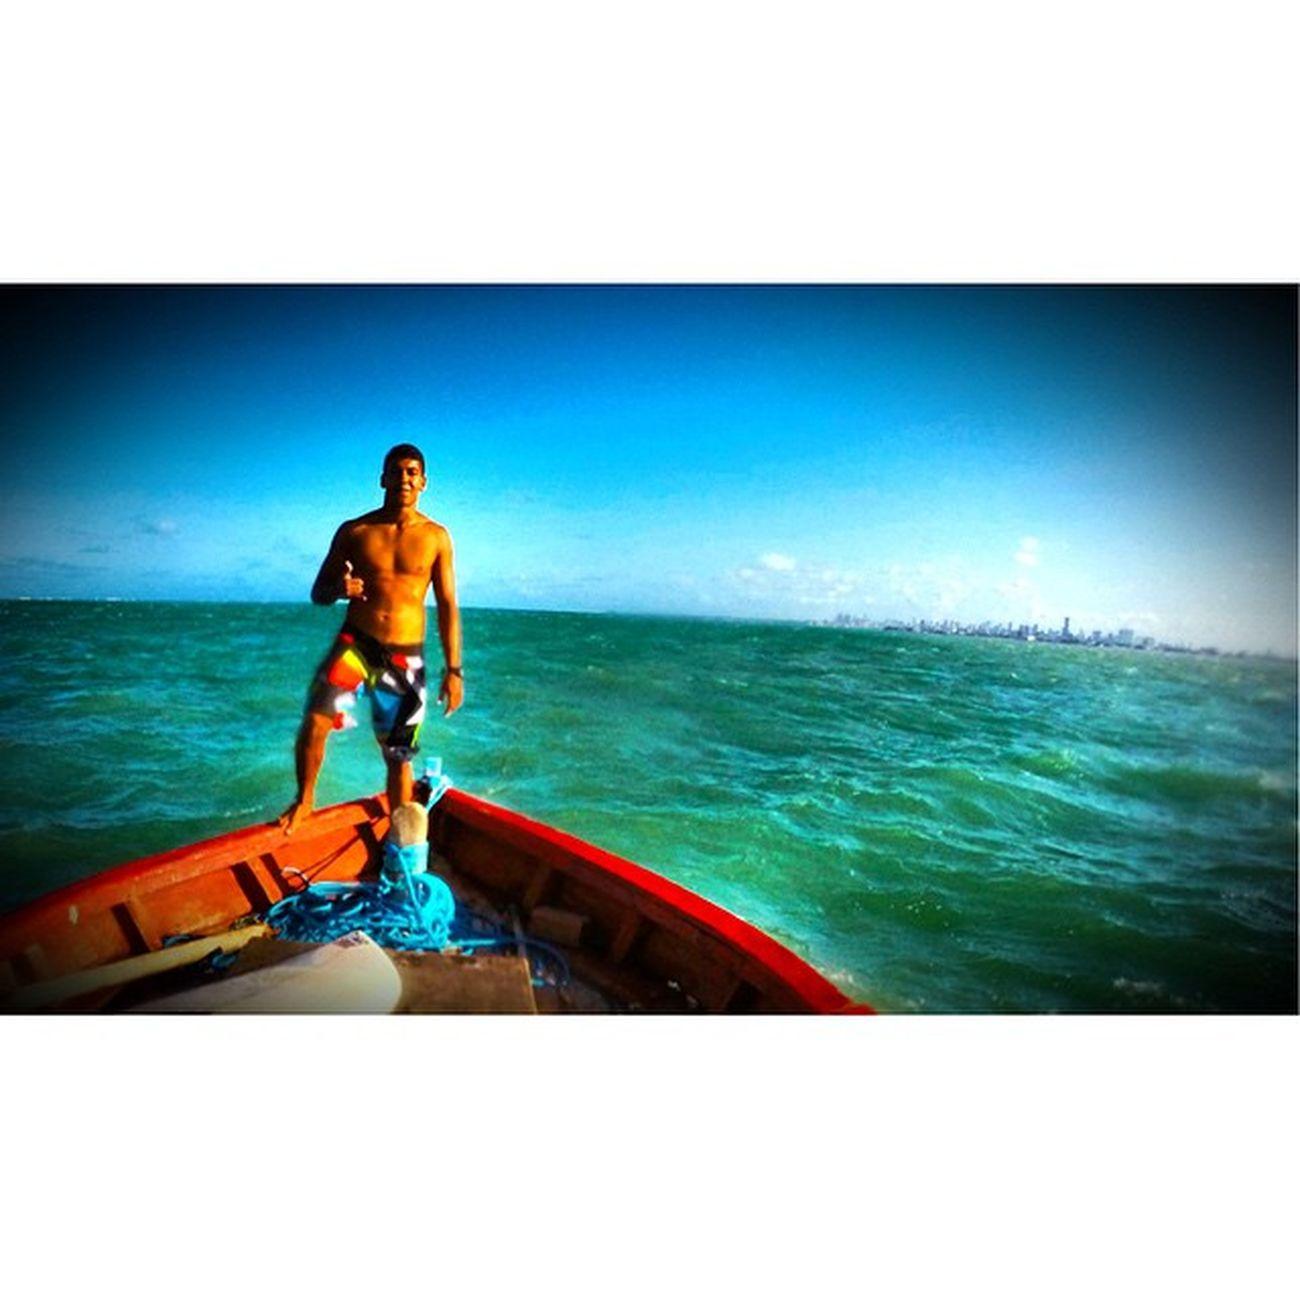 Por instinto sou levado, minha fé me acompanha na passagem por este planeta, O tempo sobra, pois dessa obra, sou a areia da ampulheta! 🌊☁️🌀⛵️🌅 Allallauu Paraíba Paraíso LiveTheSearch Mar Surf Surfingiseverything - LifeInStyle - Lifeapp - Photooftheday via @lifeapp Supertide Surfstorm Bigswell Reef Rapaduratimes PerfectWaves